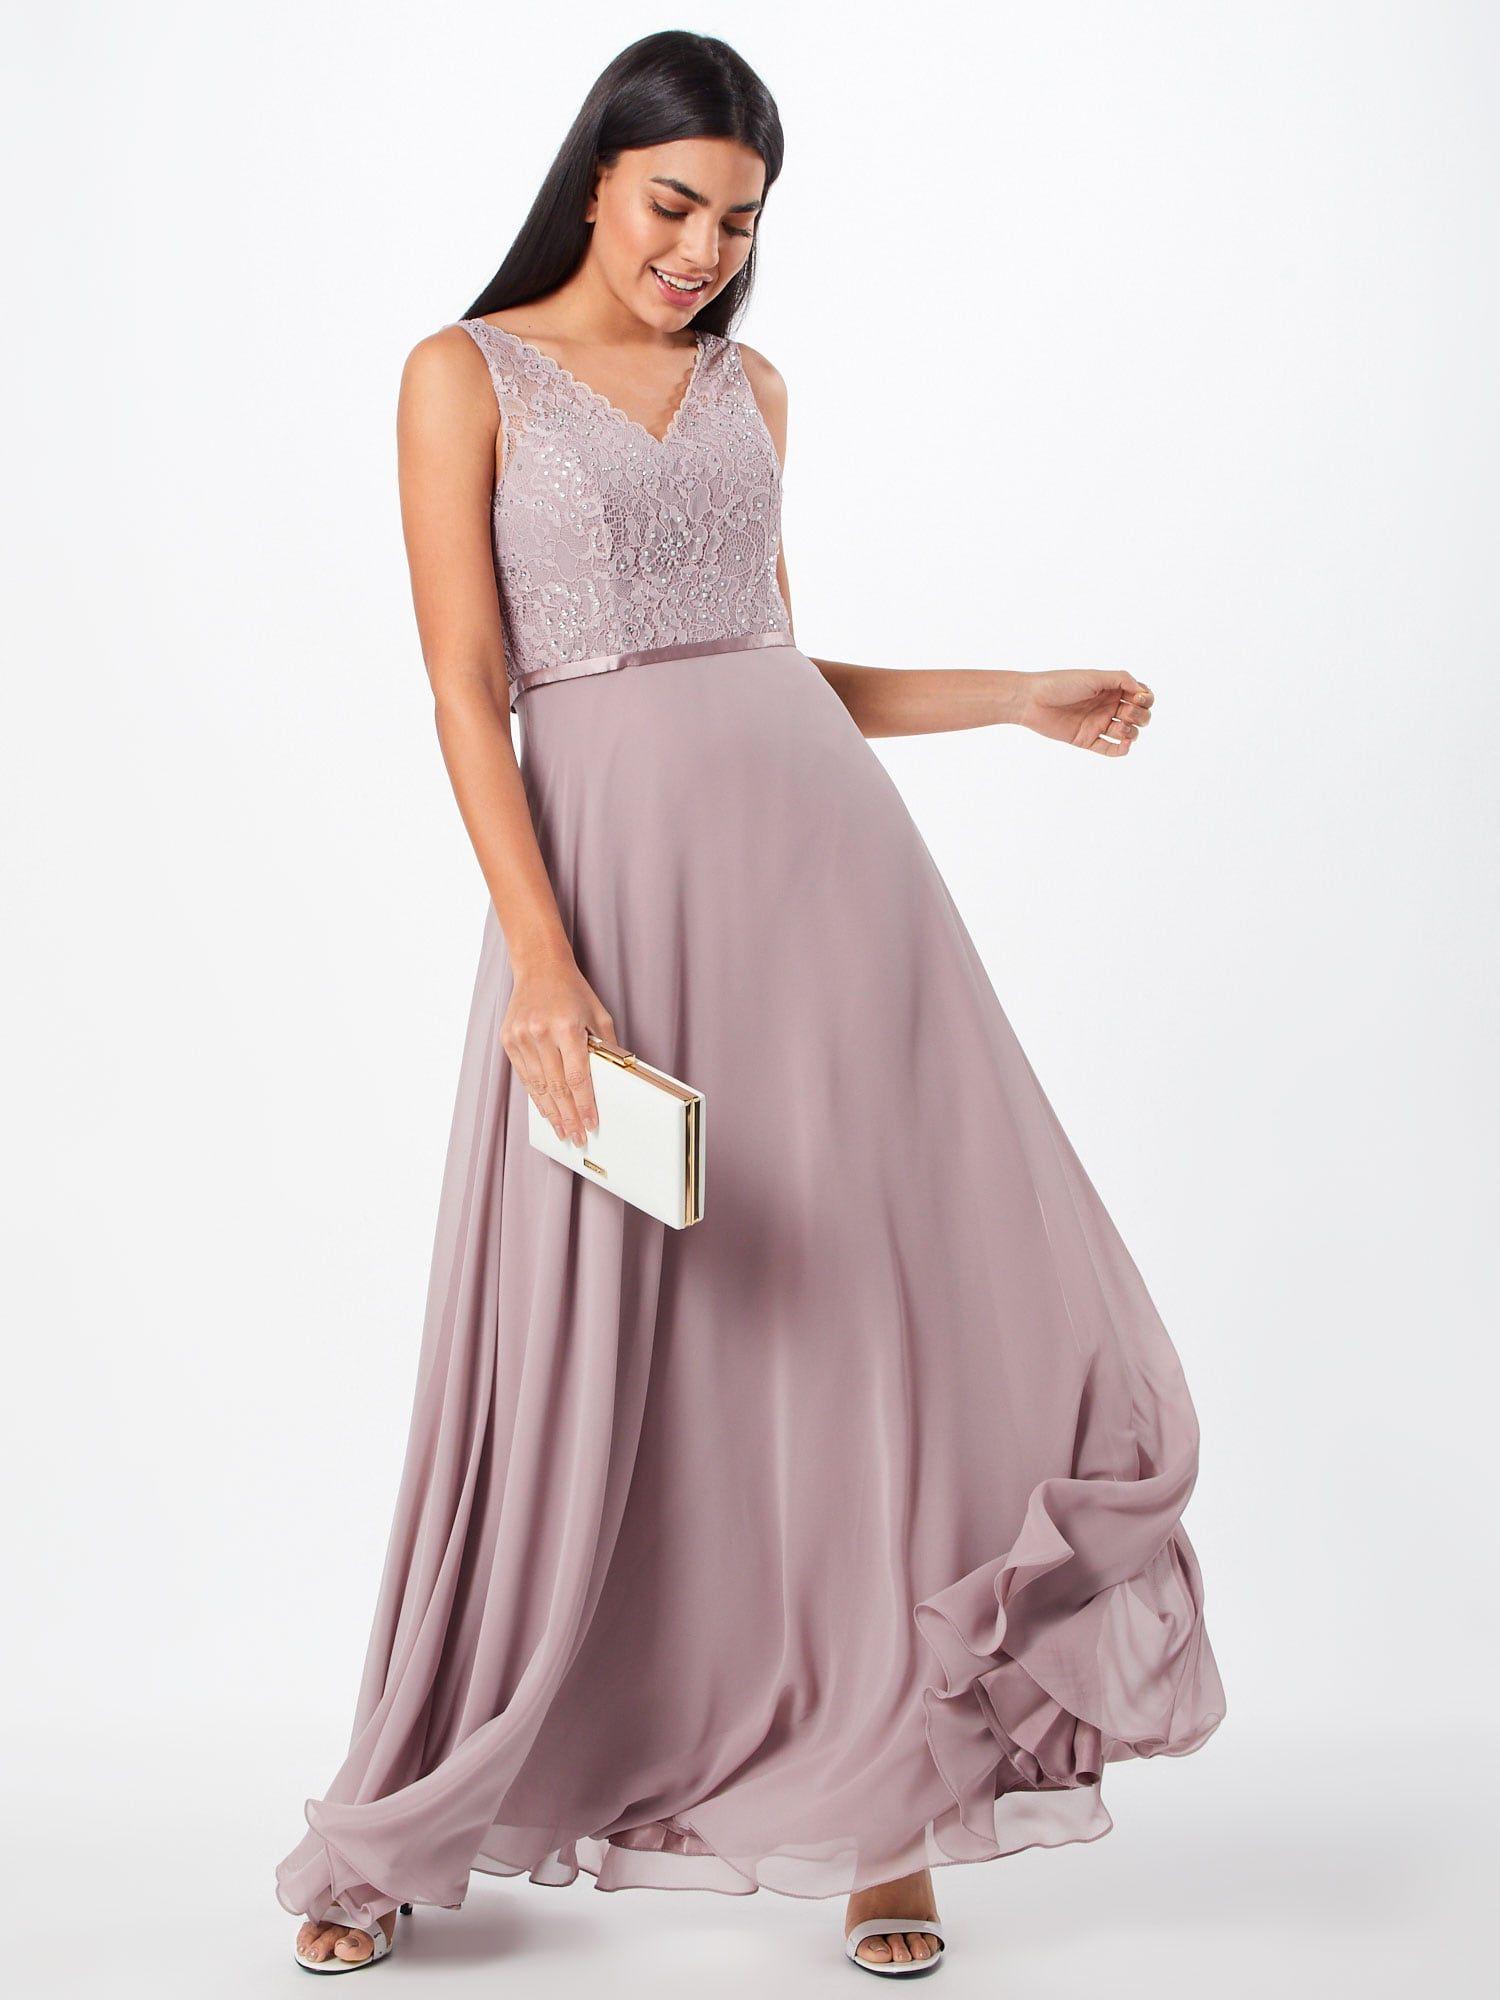 Laona Kleid Damen Altrosa Grosse 32 Laona Kleid Kleider Und Abschlussball Kleider